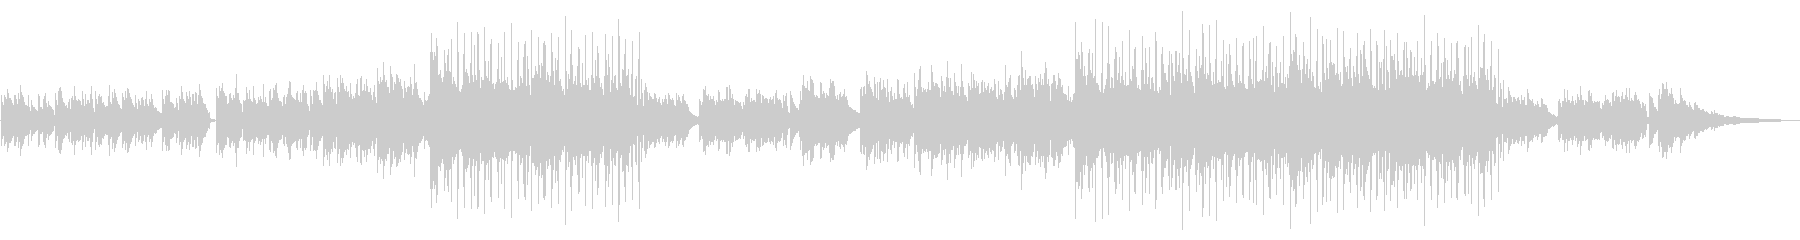 【メロ抜き】ノスタルジックなアコギアンサの未再生の波形